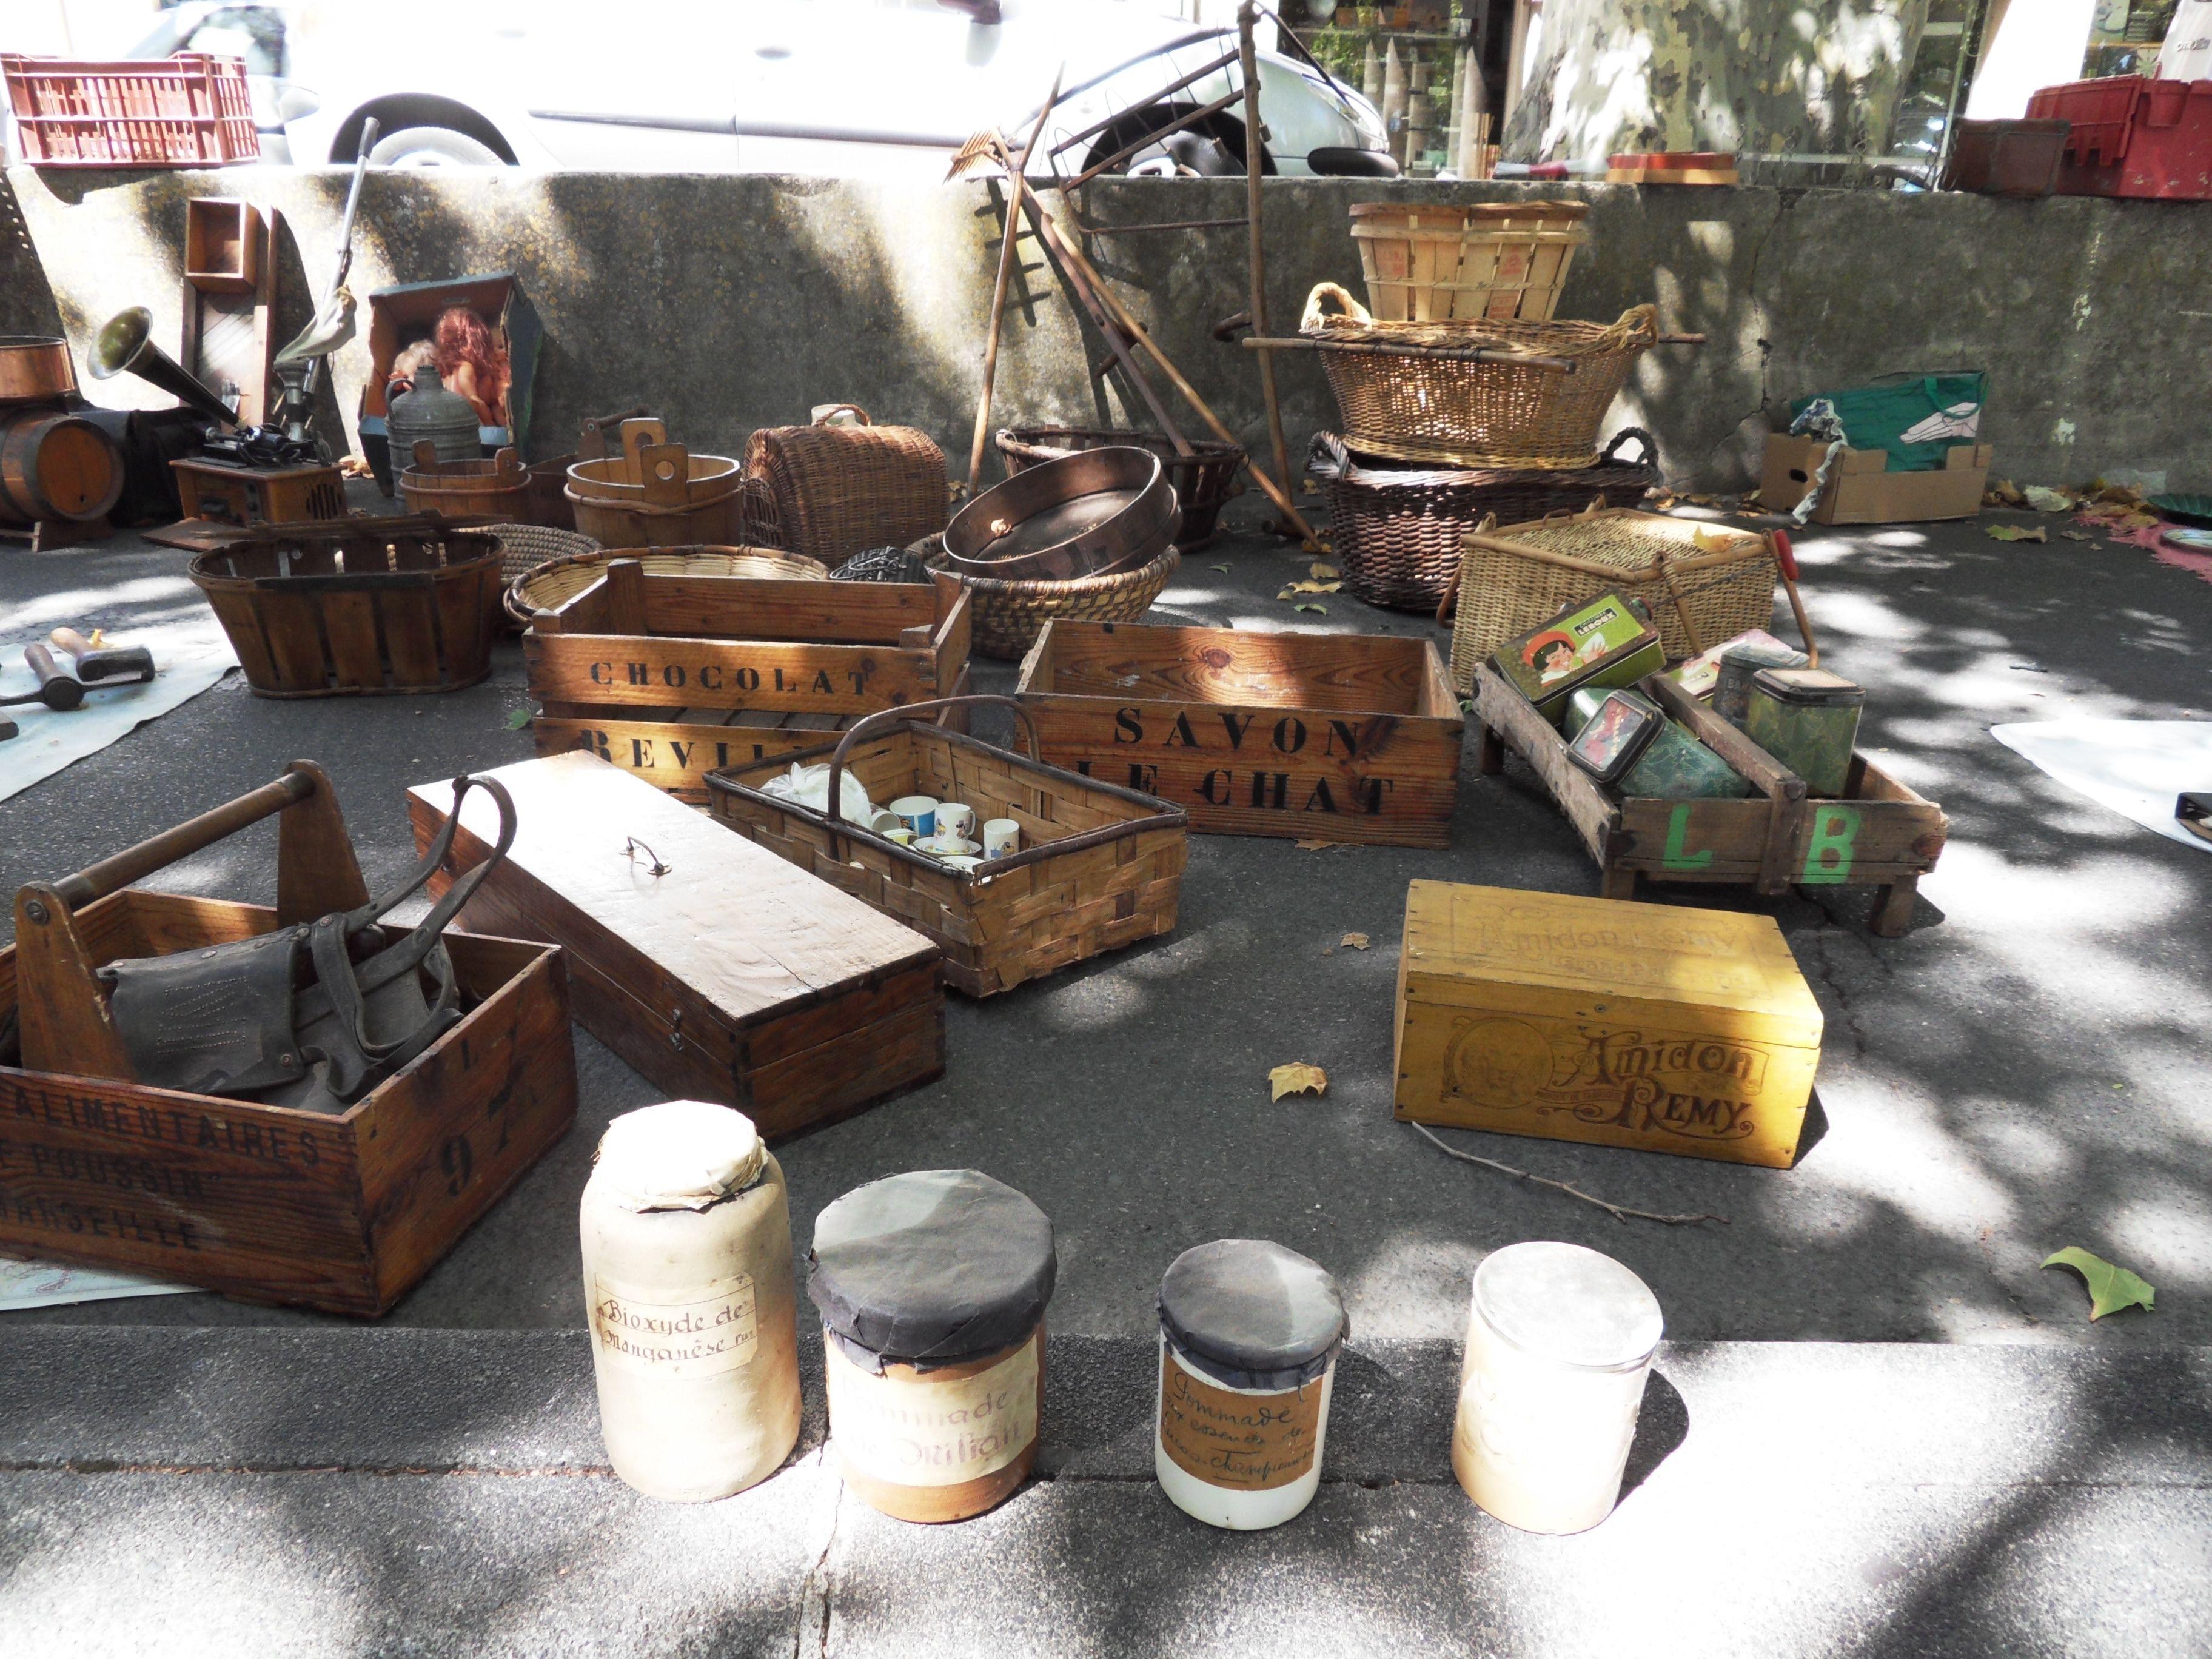 france carpentras brocante antique market on sundays. Black Bedroom Furniture Sets. Home Design Ideas